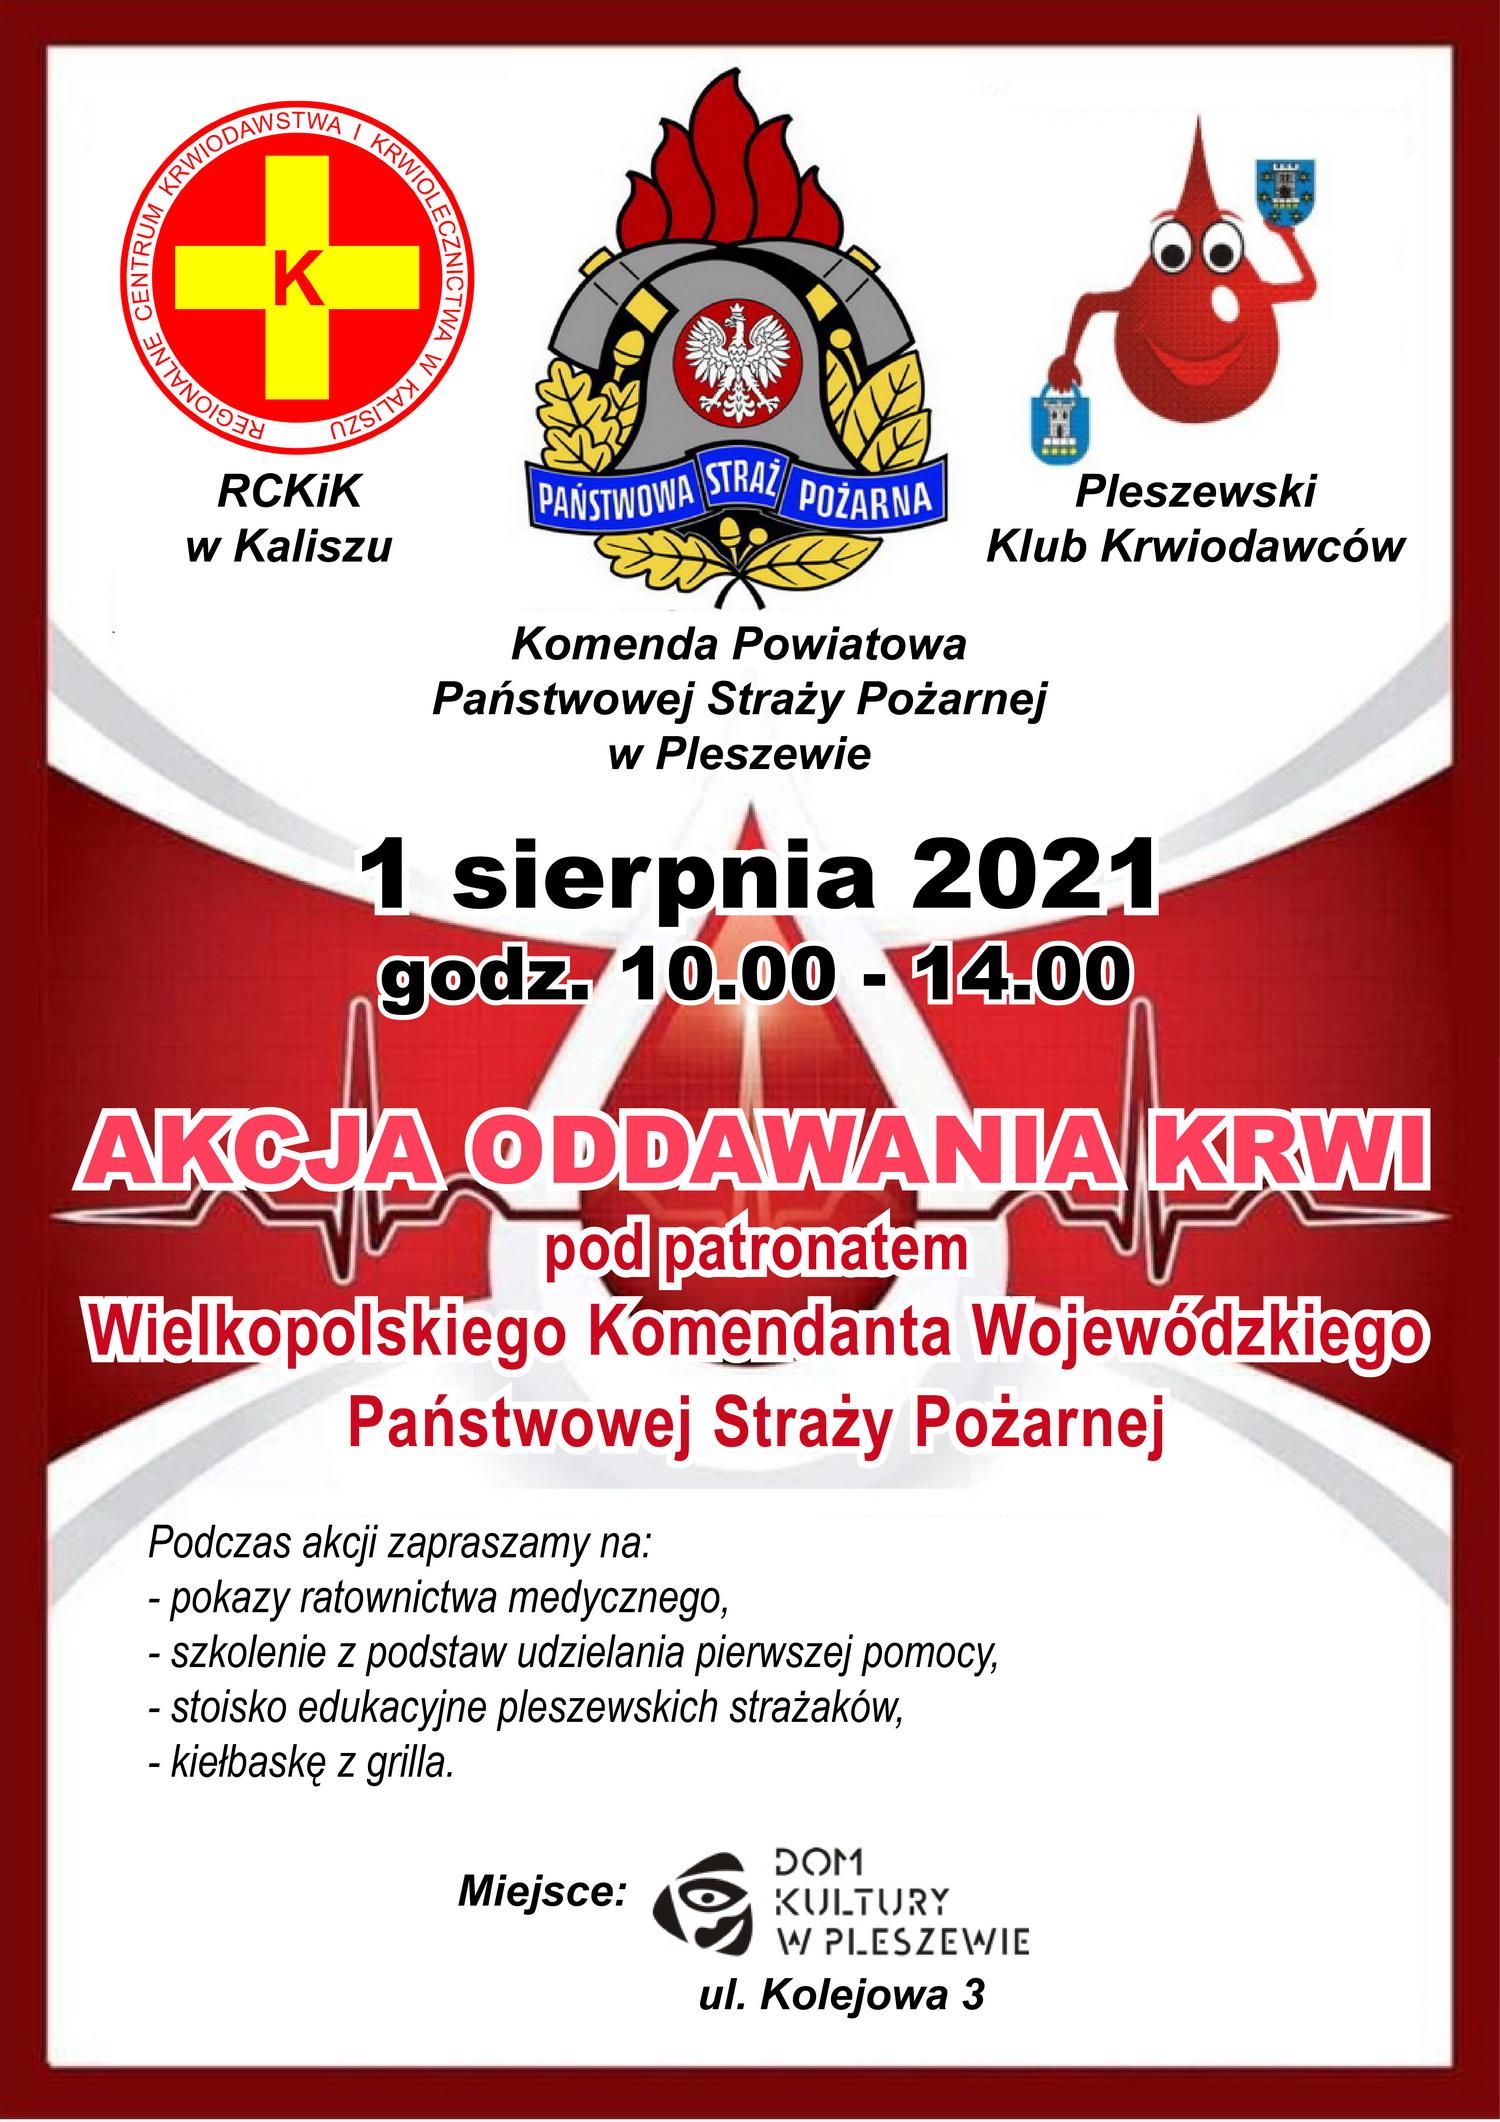 Akcja oddawania krwi w Pleszewie